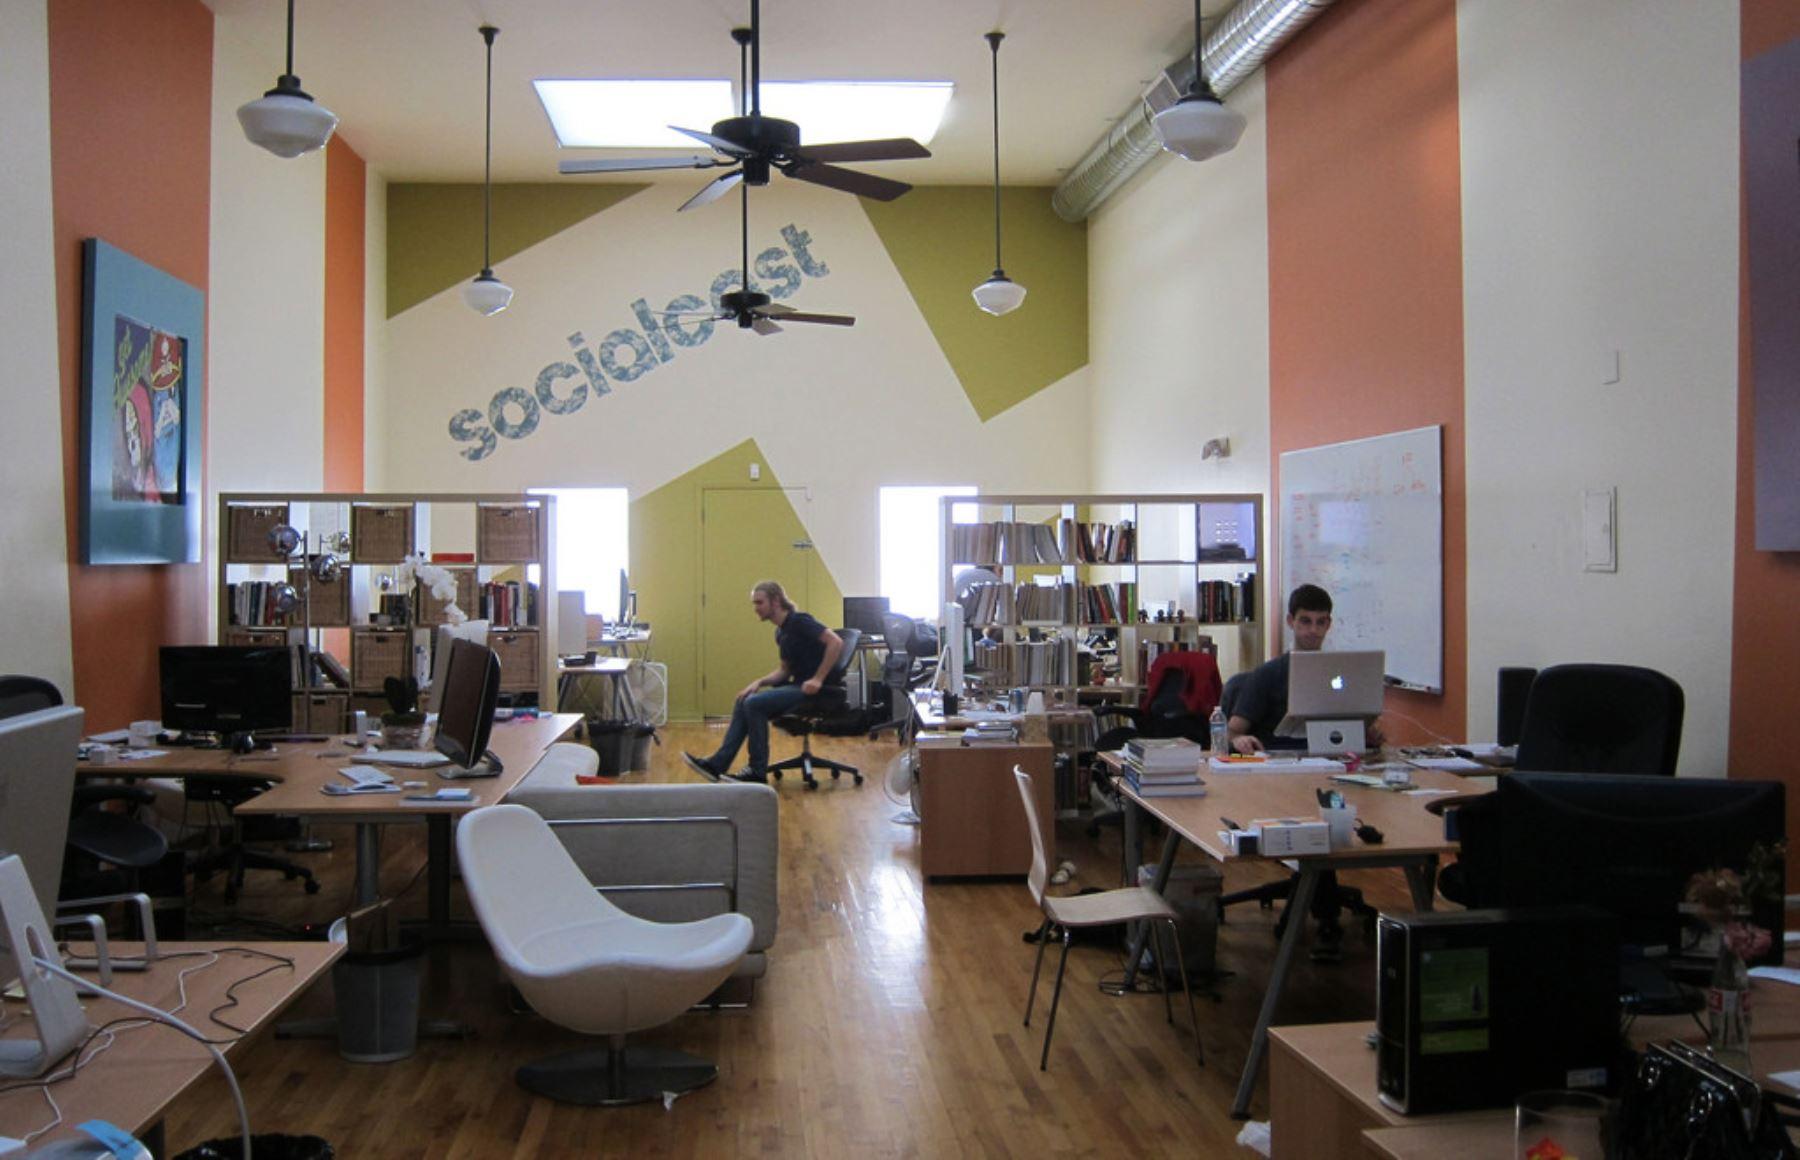 Las redes sociales se han convertido en los mejores espacios digitales para comunicarnos.